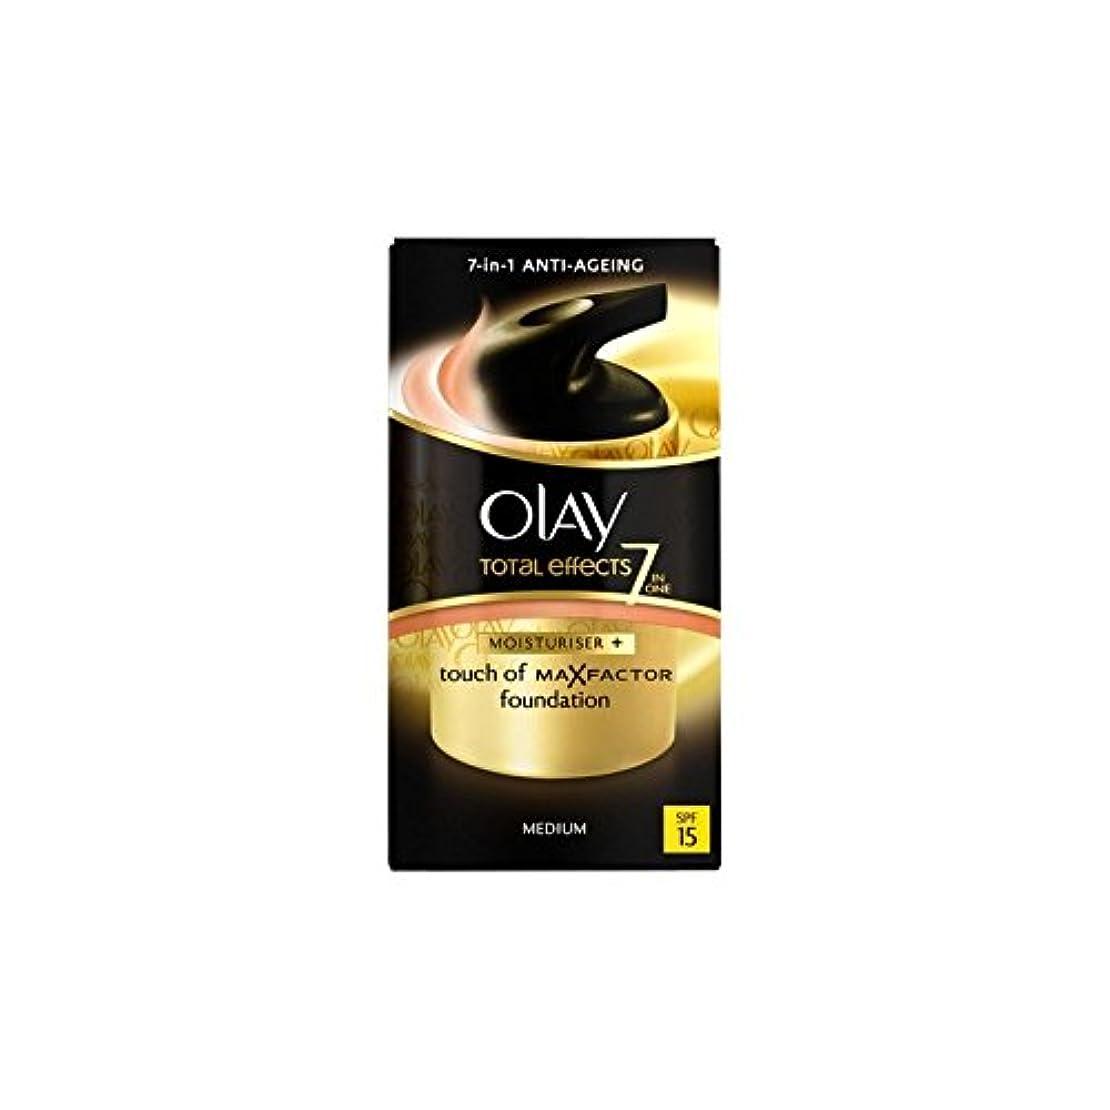 振り向く面白い誓いオーレイトータルエフェクト保湿クリーム15 - 培地(50ミリリットル) x2 - Olay Total Effects Moisturiser Bb Cream Spf15 - Medium (50ml) (Pack...